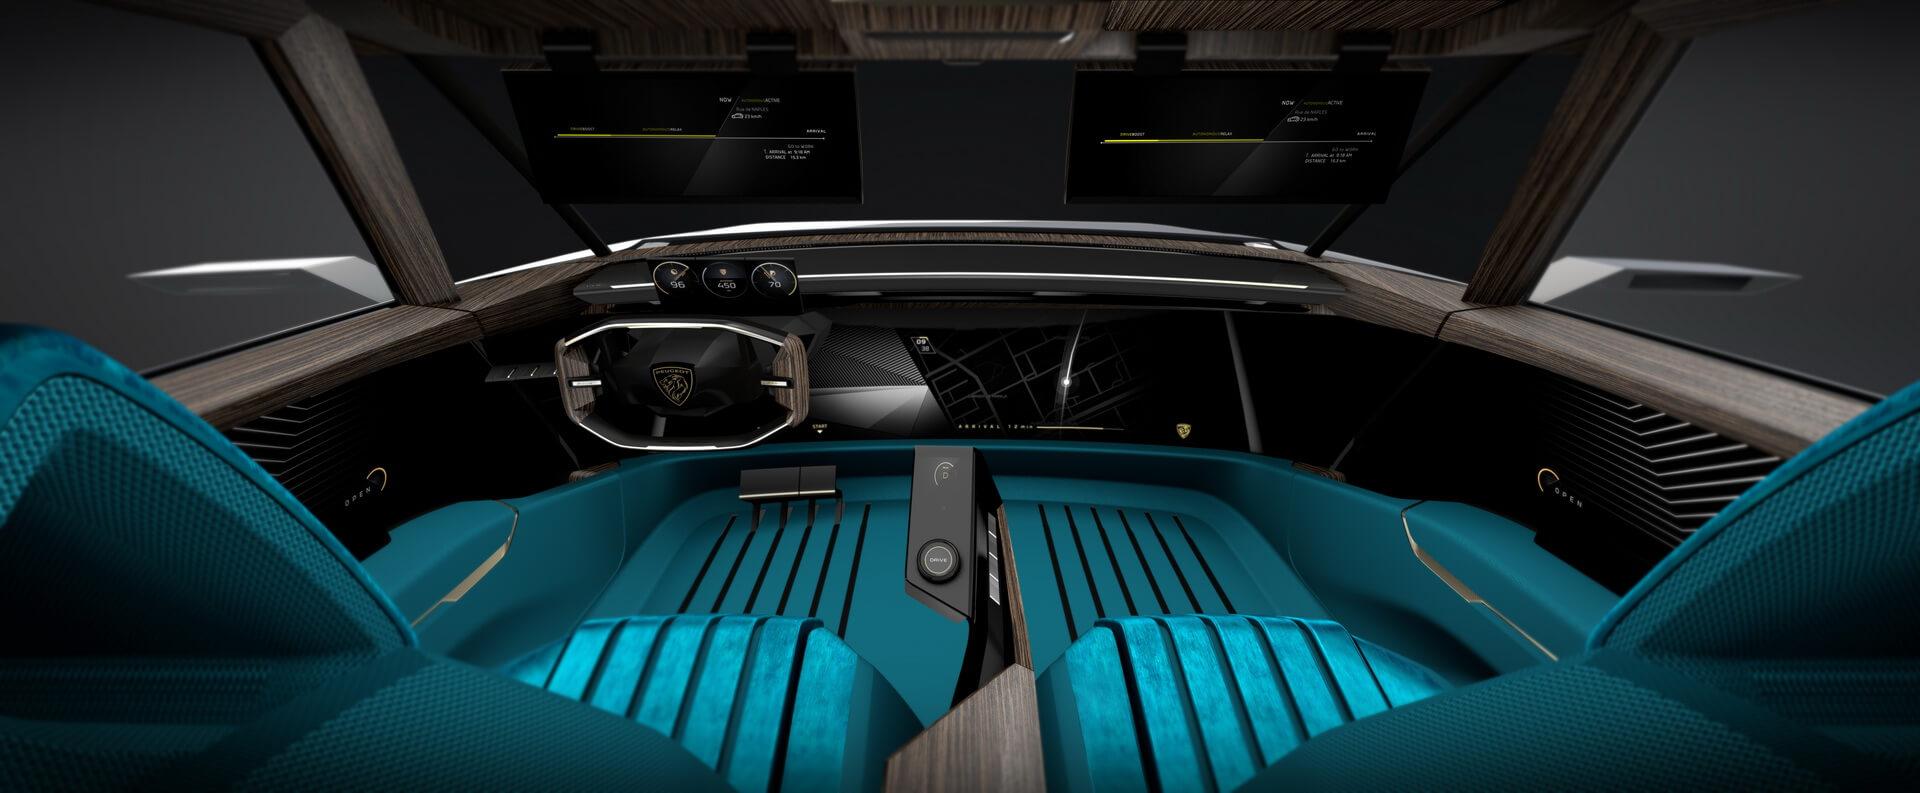 Интерьер электромобиля Peugeot e-Legend